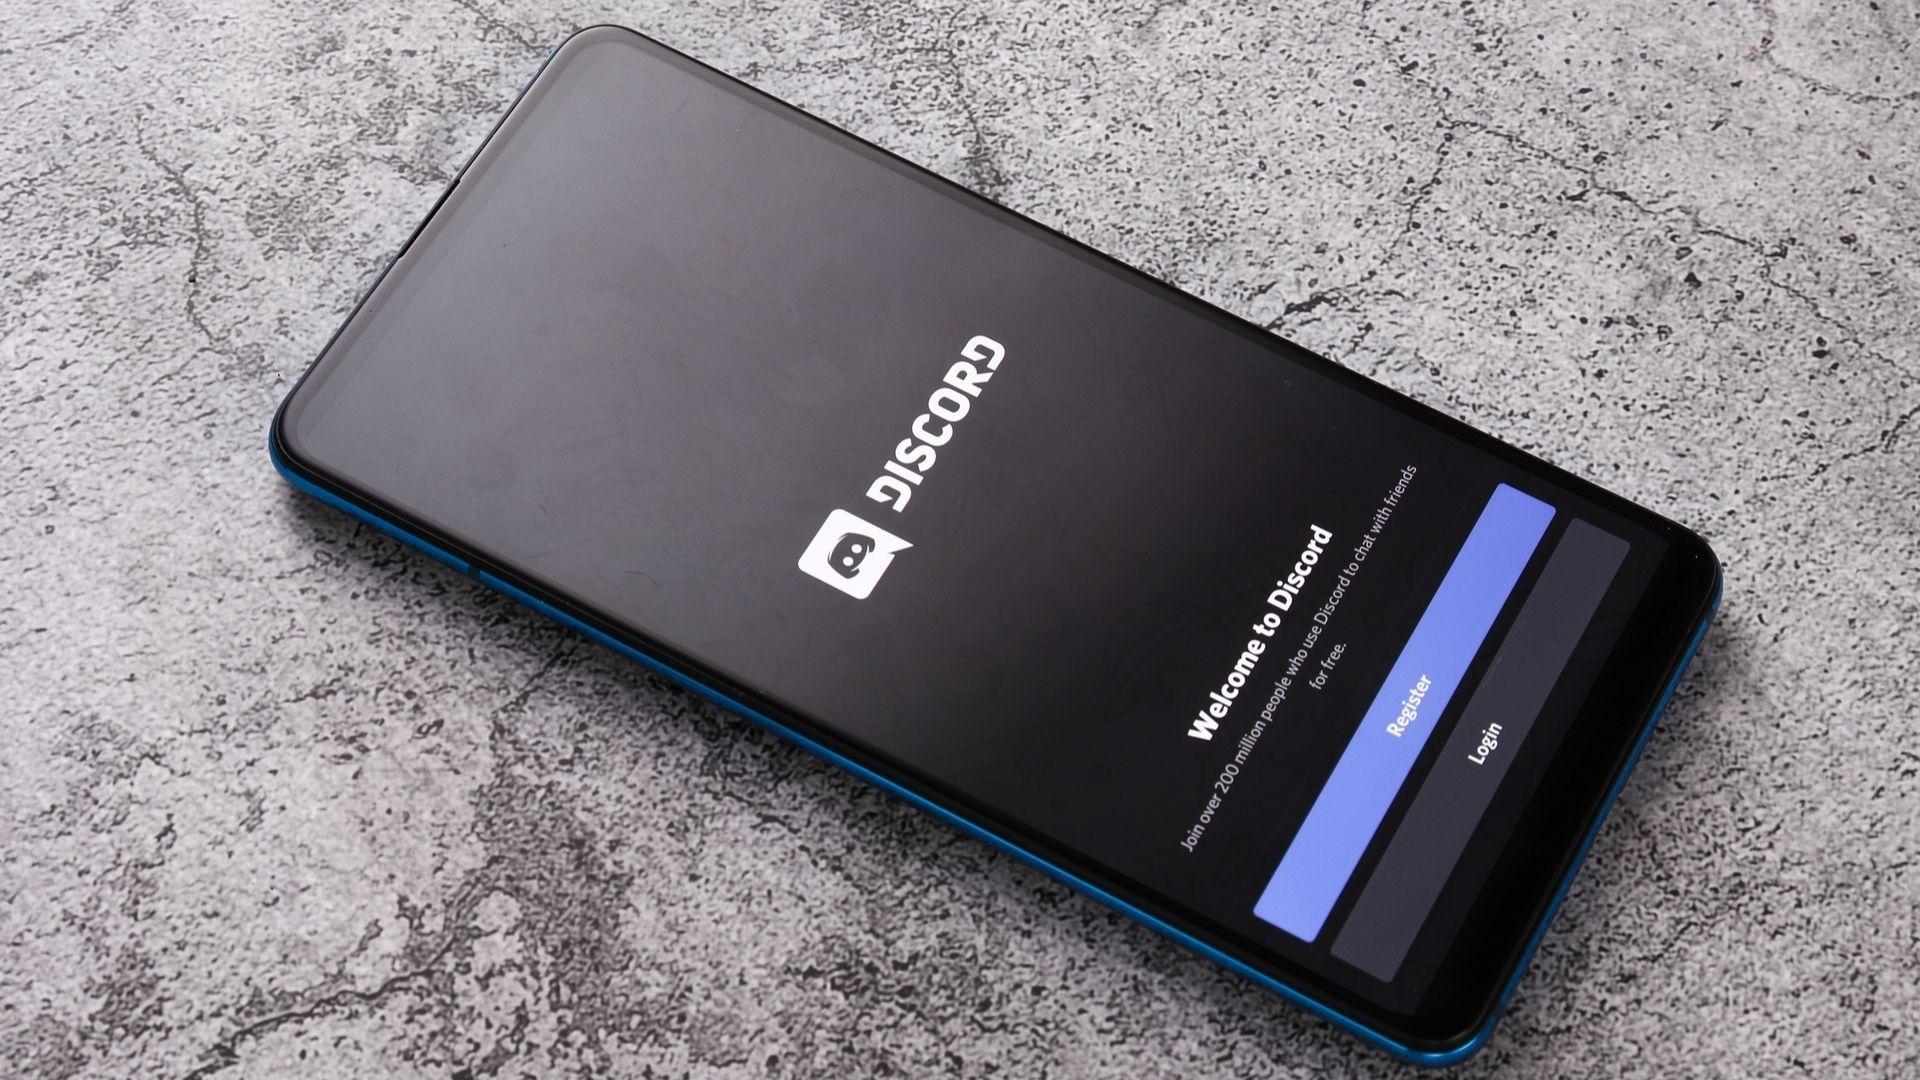 Como colocar bot no Discord? Aprenda em nosso tutorial (Foto: sdx15 / Shutterstock.com)